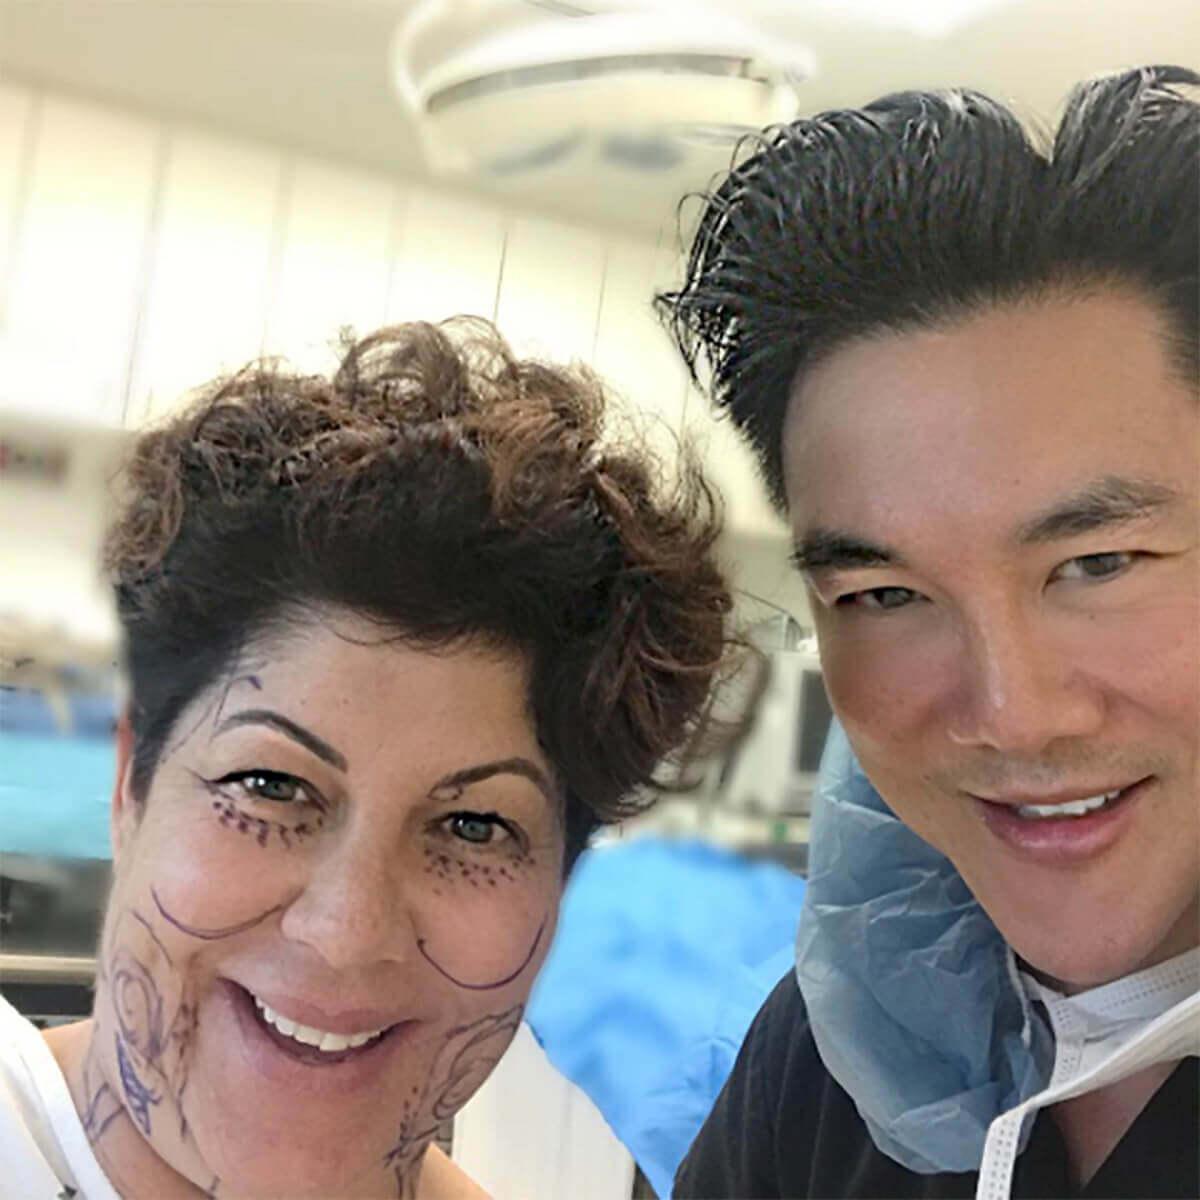 Dr. Kao - Actual Patient